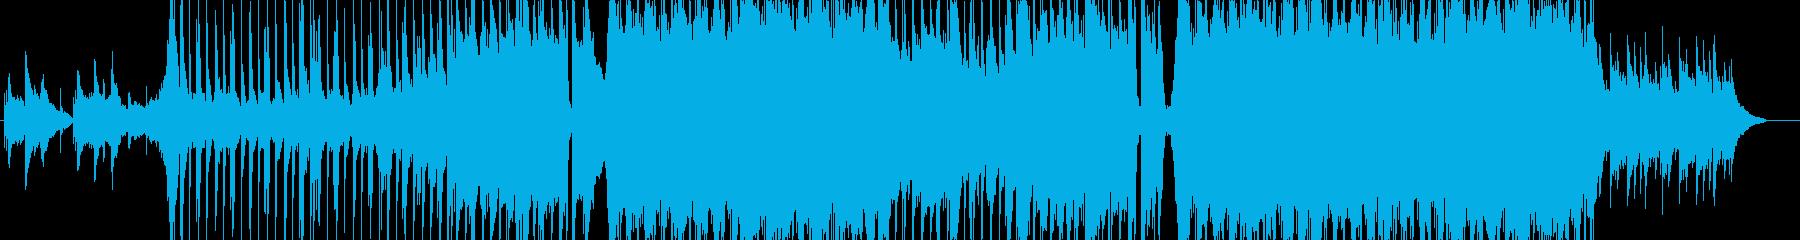 壮大なピアノバラードの再生済みの波形